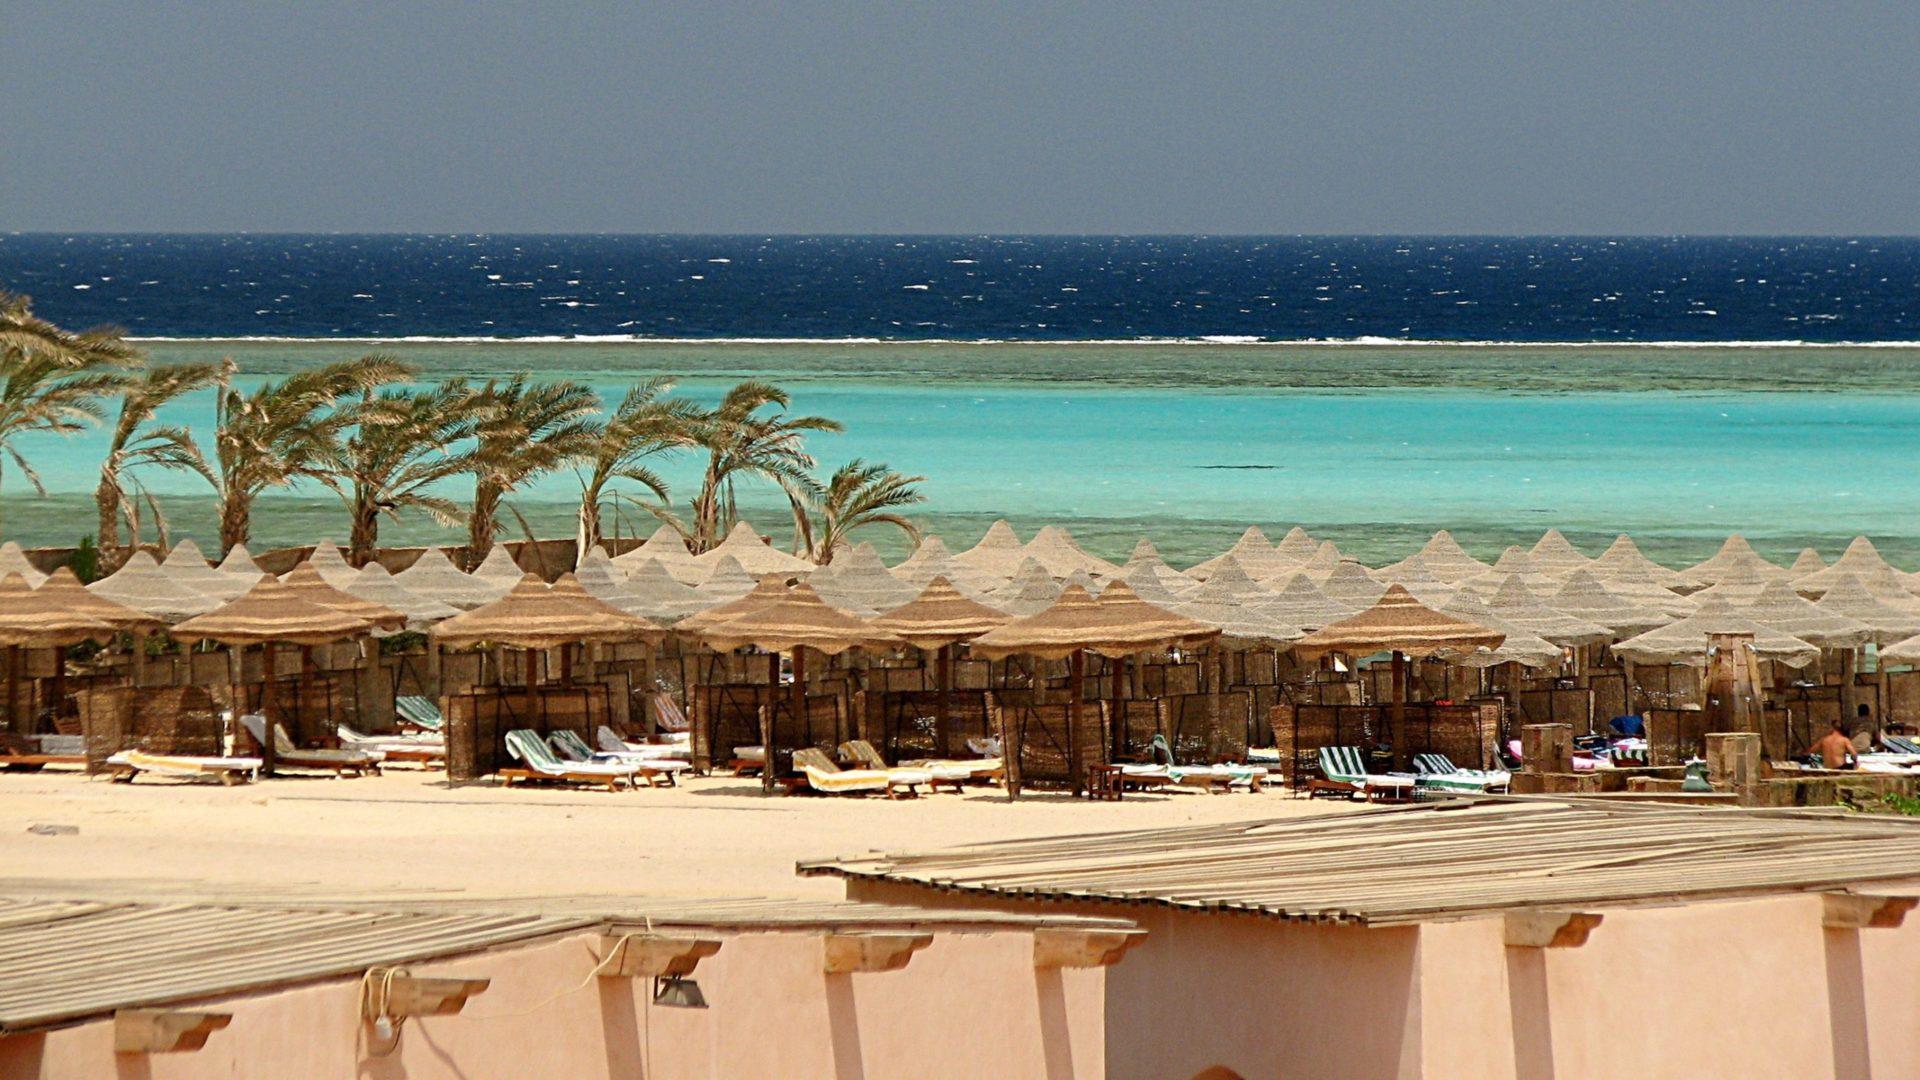 Wassertemperatur Marsa Alam: Strand am Roten Meer bei Marsa Alam mit Korallenriff im Hintergrund